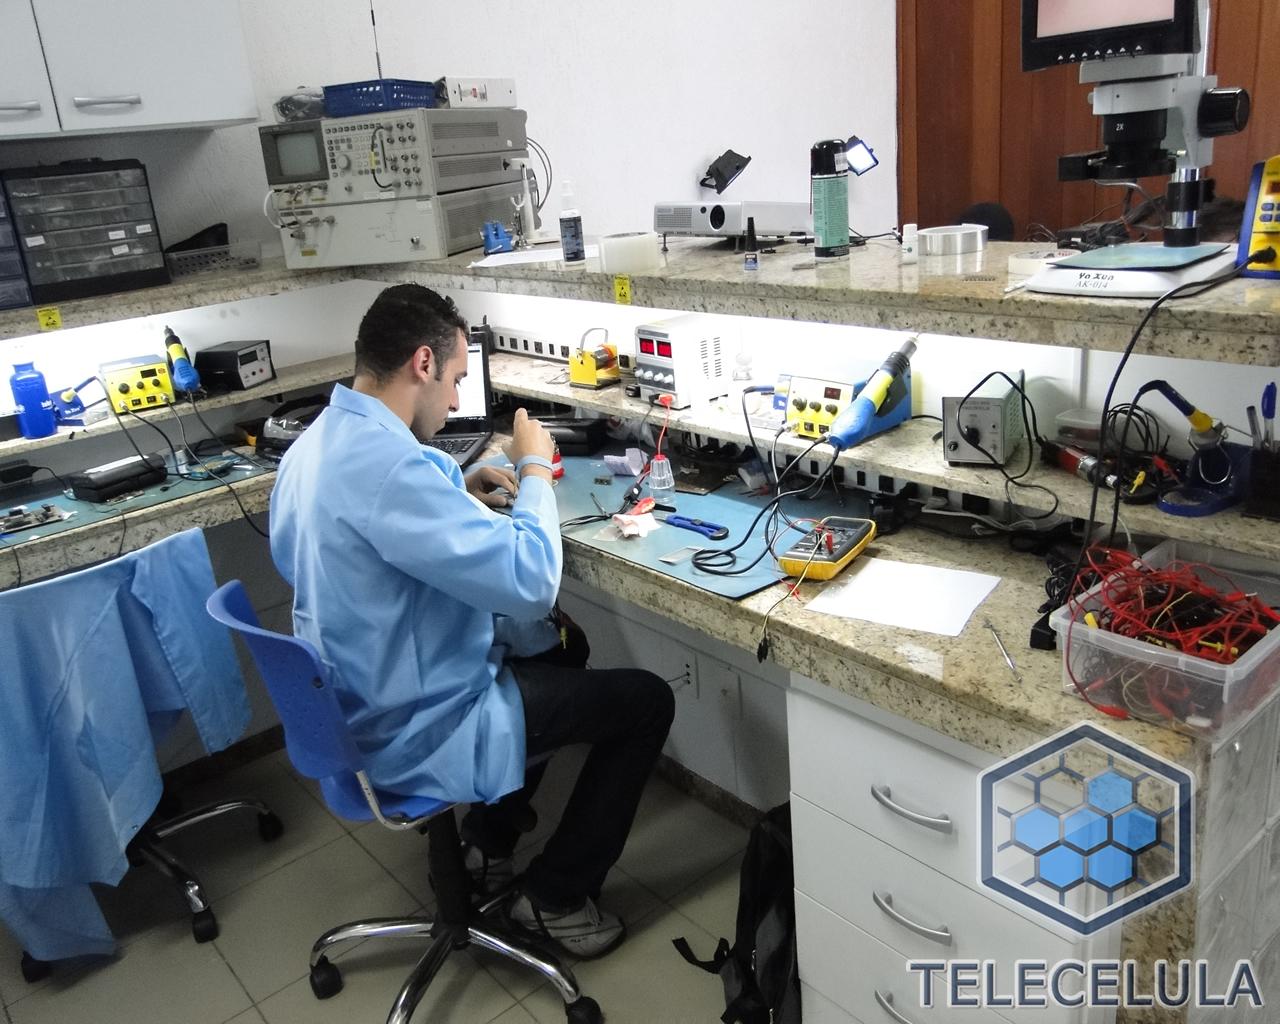 Fotos Treinamento Telecelula Eletrônica Básica e Bancada Eletrônica  #396B92 1280x1024